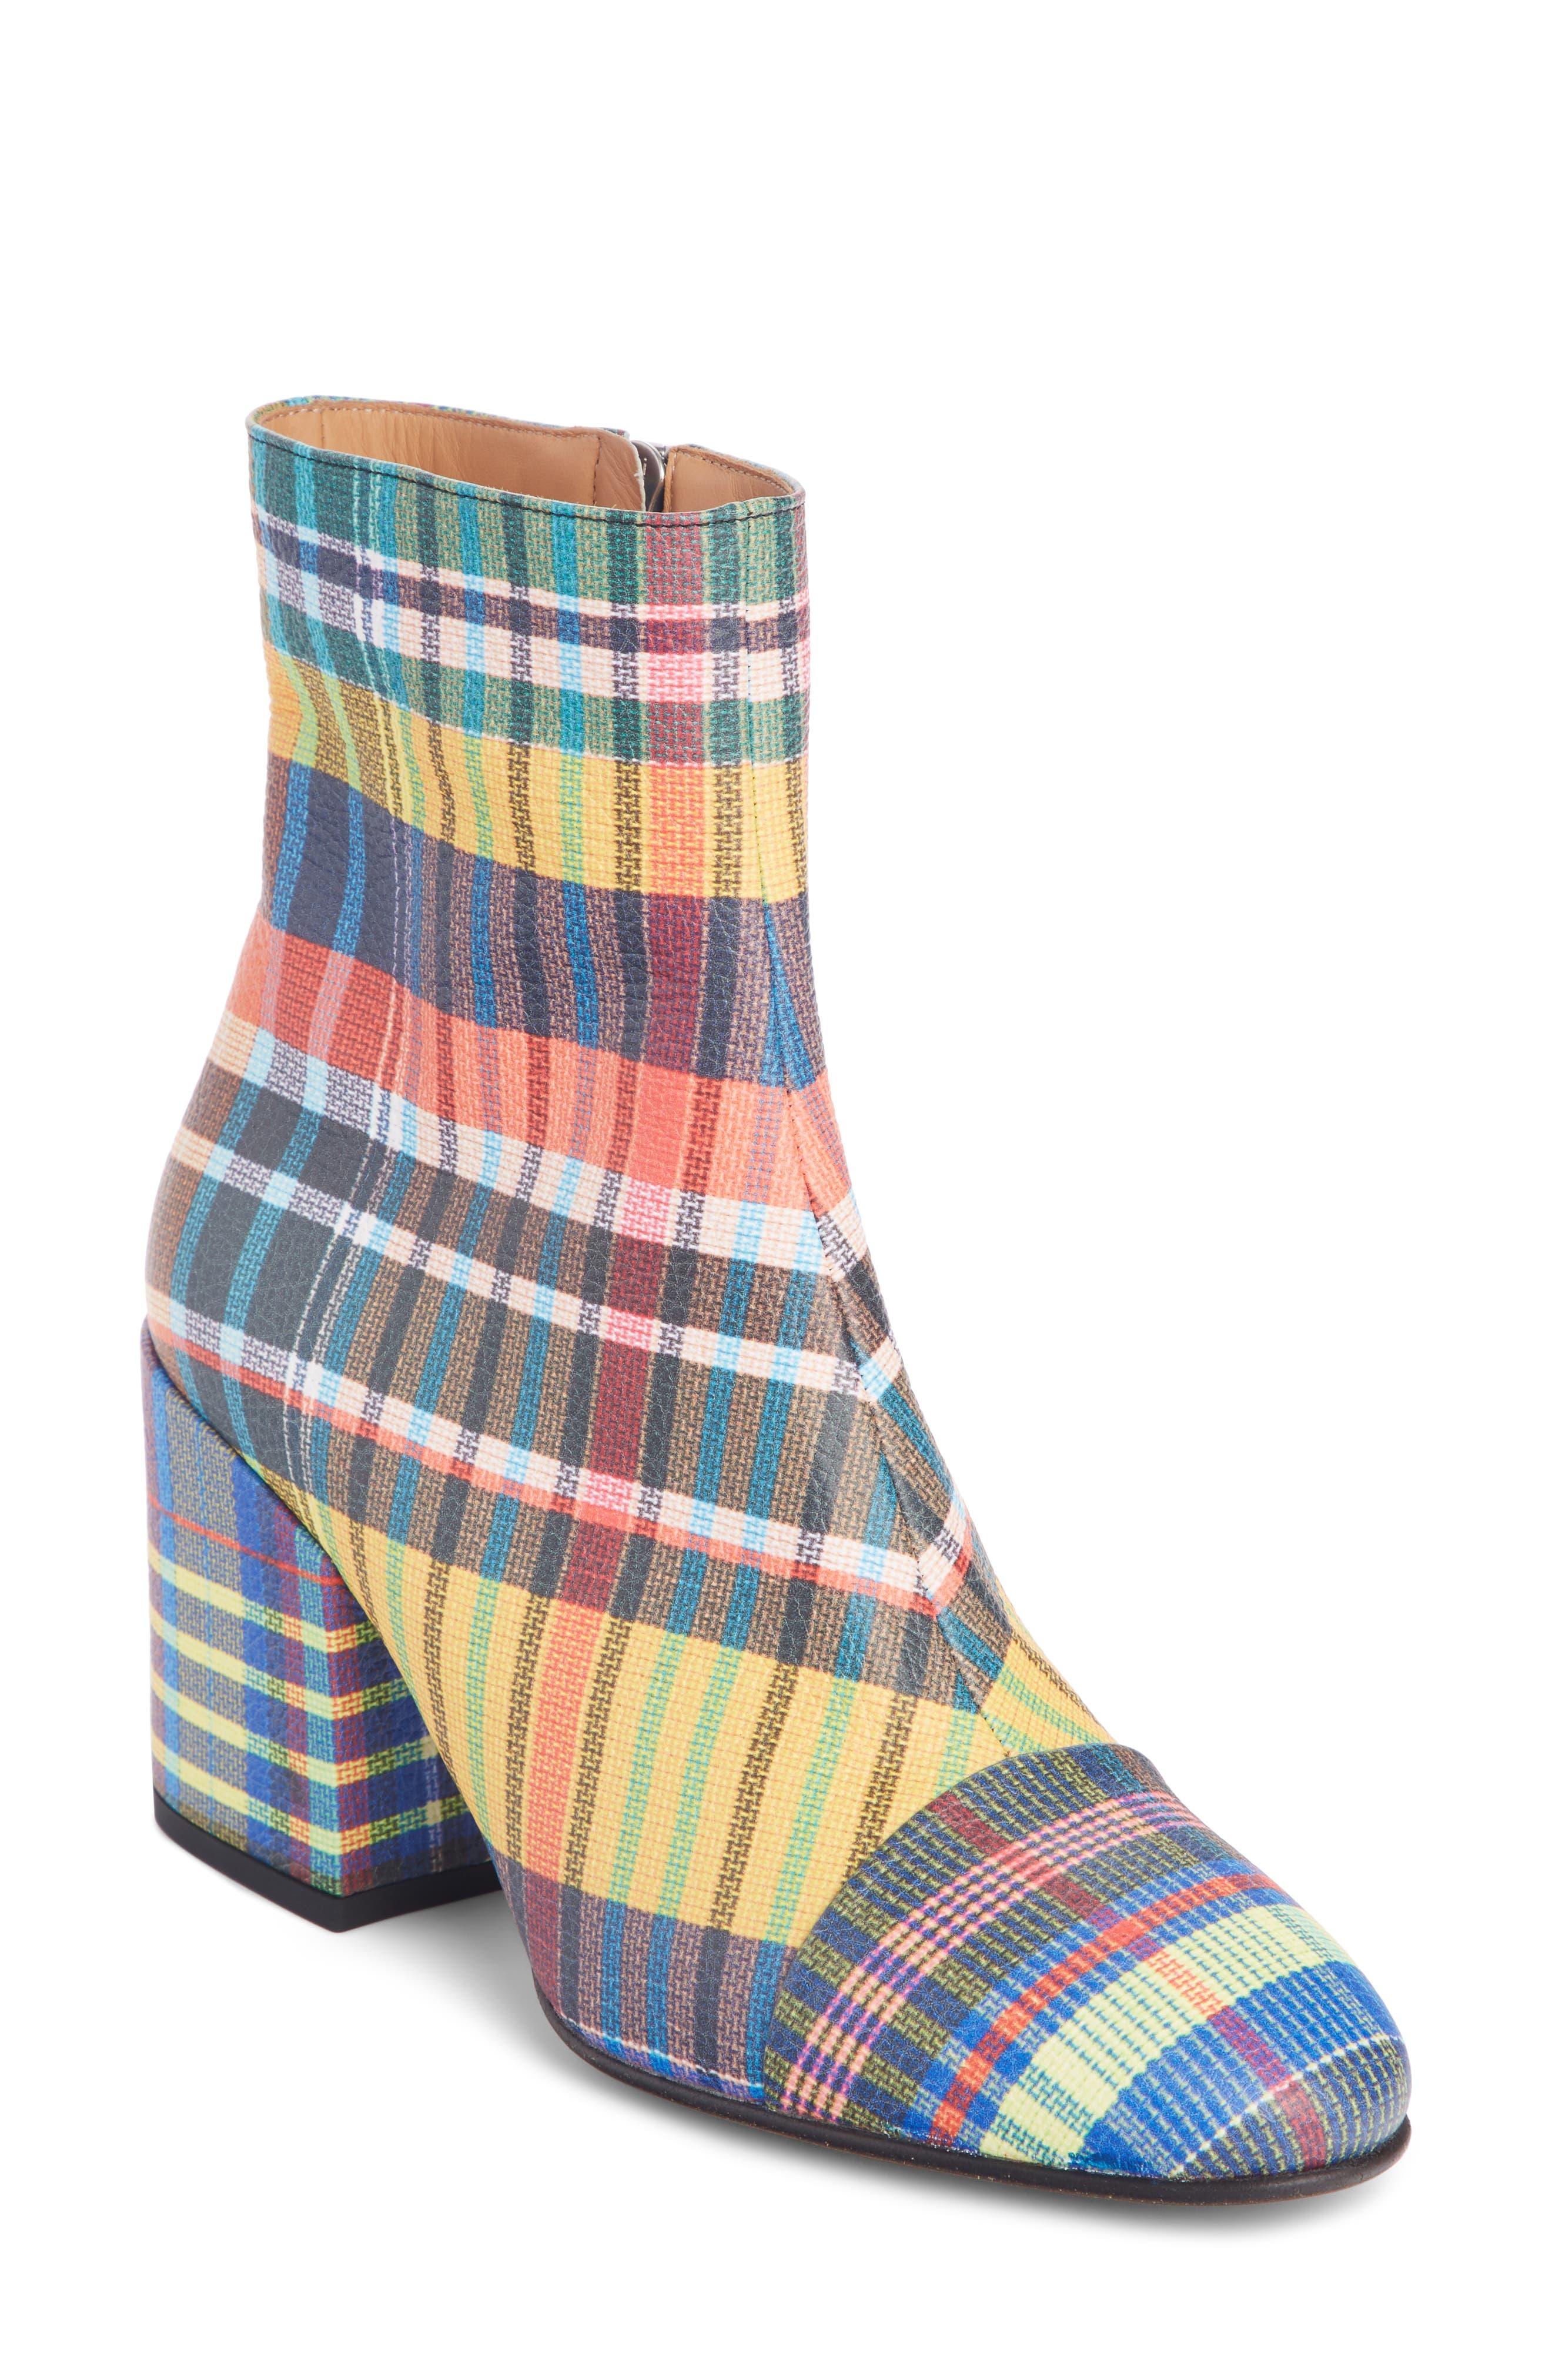 DRIES VAN NOTEN Waterproof Block Heel Bootie, Main, color, PLAID MULTI